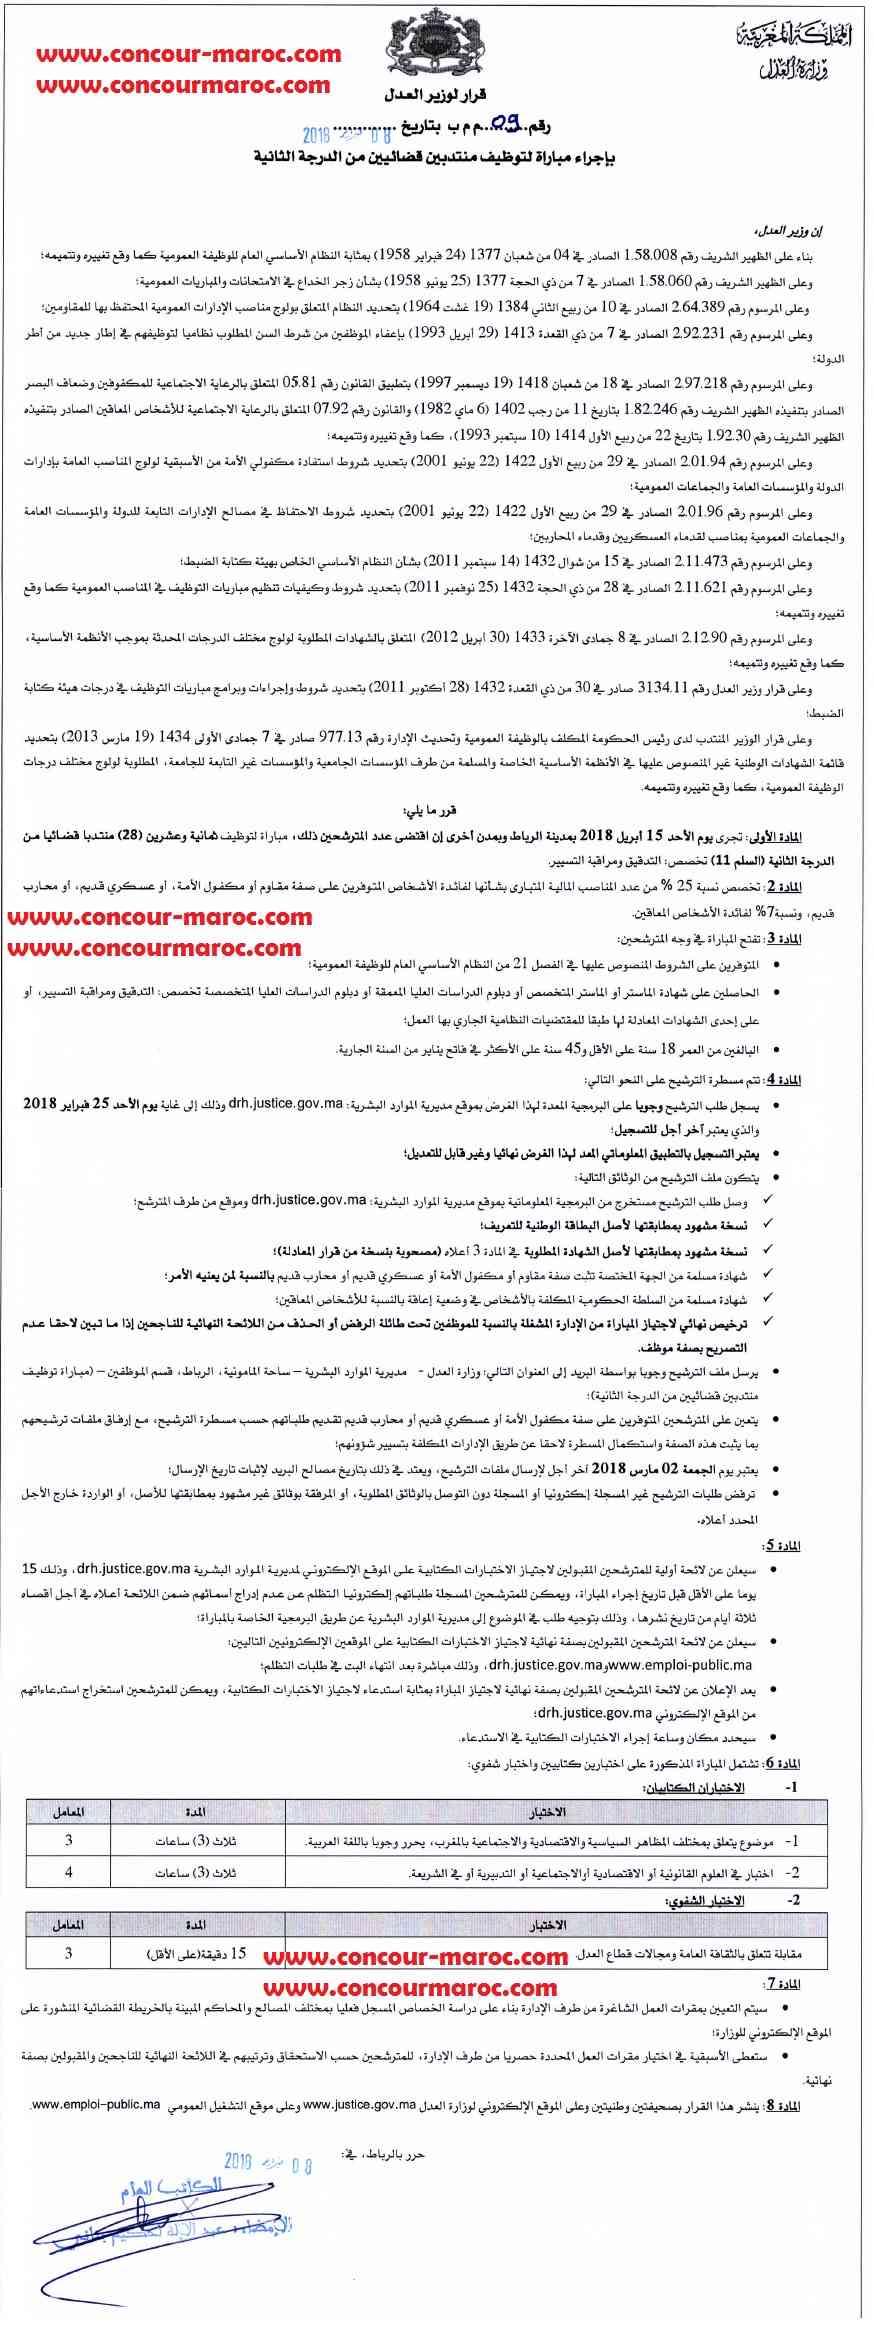 وزارة العدل : مباراة لتوظيف 28 منتذب قضائي من الدرجة الثانية 25 فبراير 2018 آخر أجل للتسجيل الإلكتروني Minist17